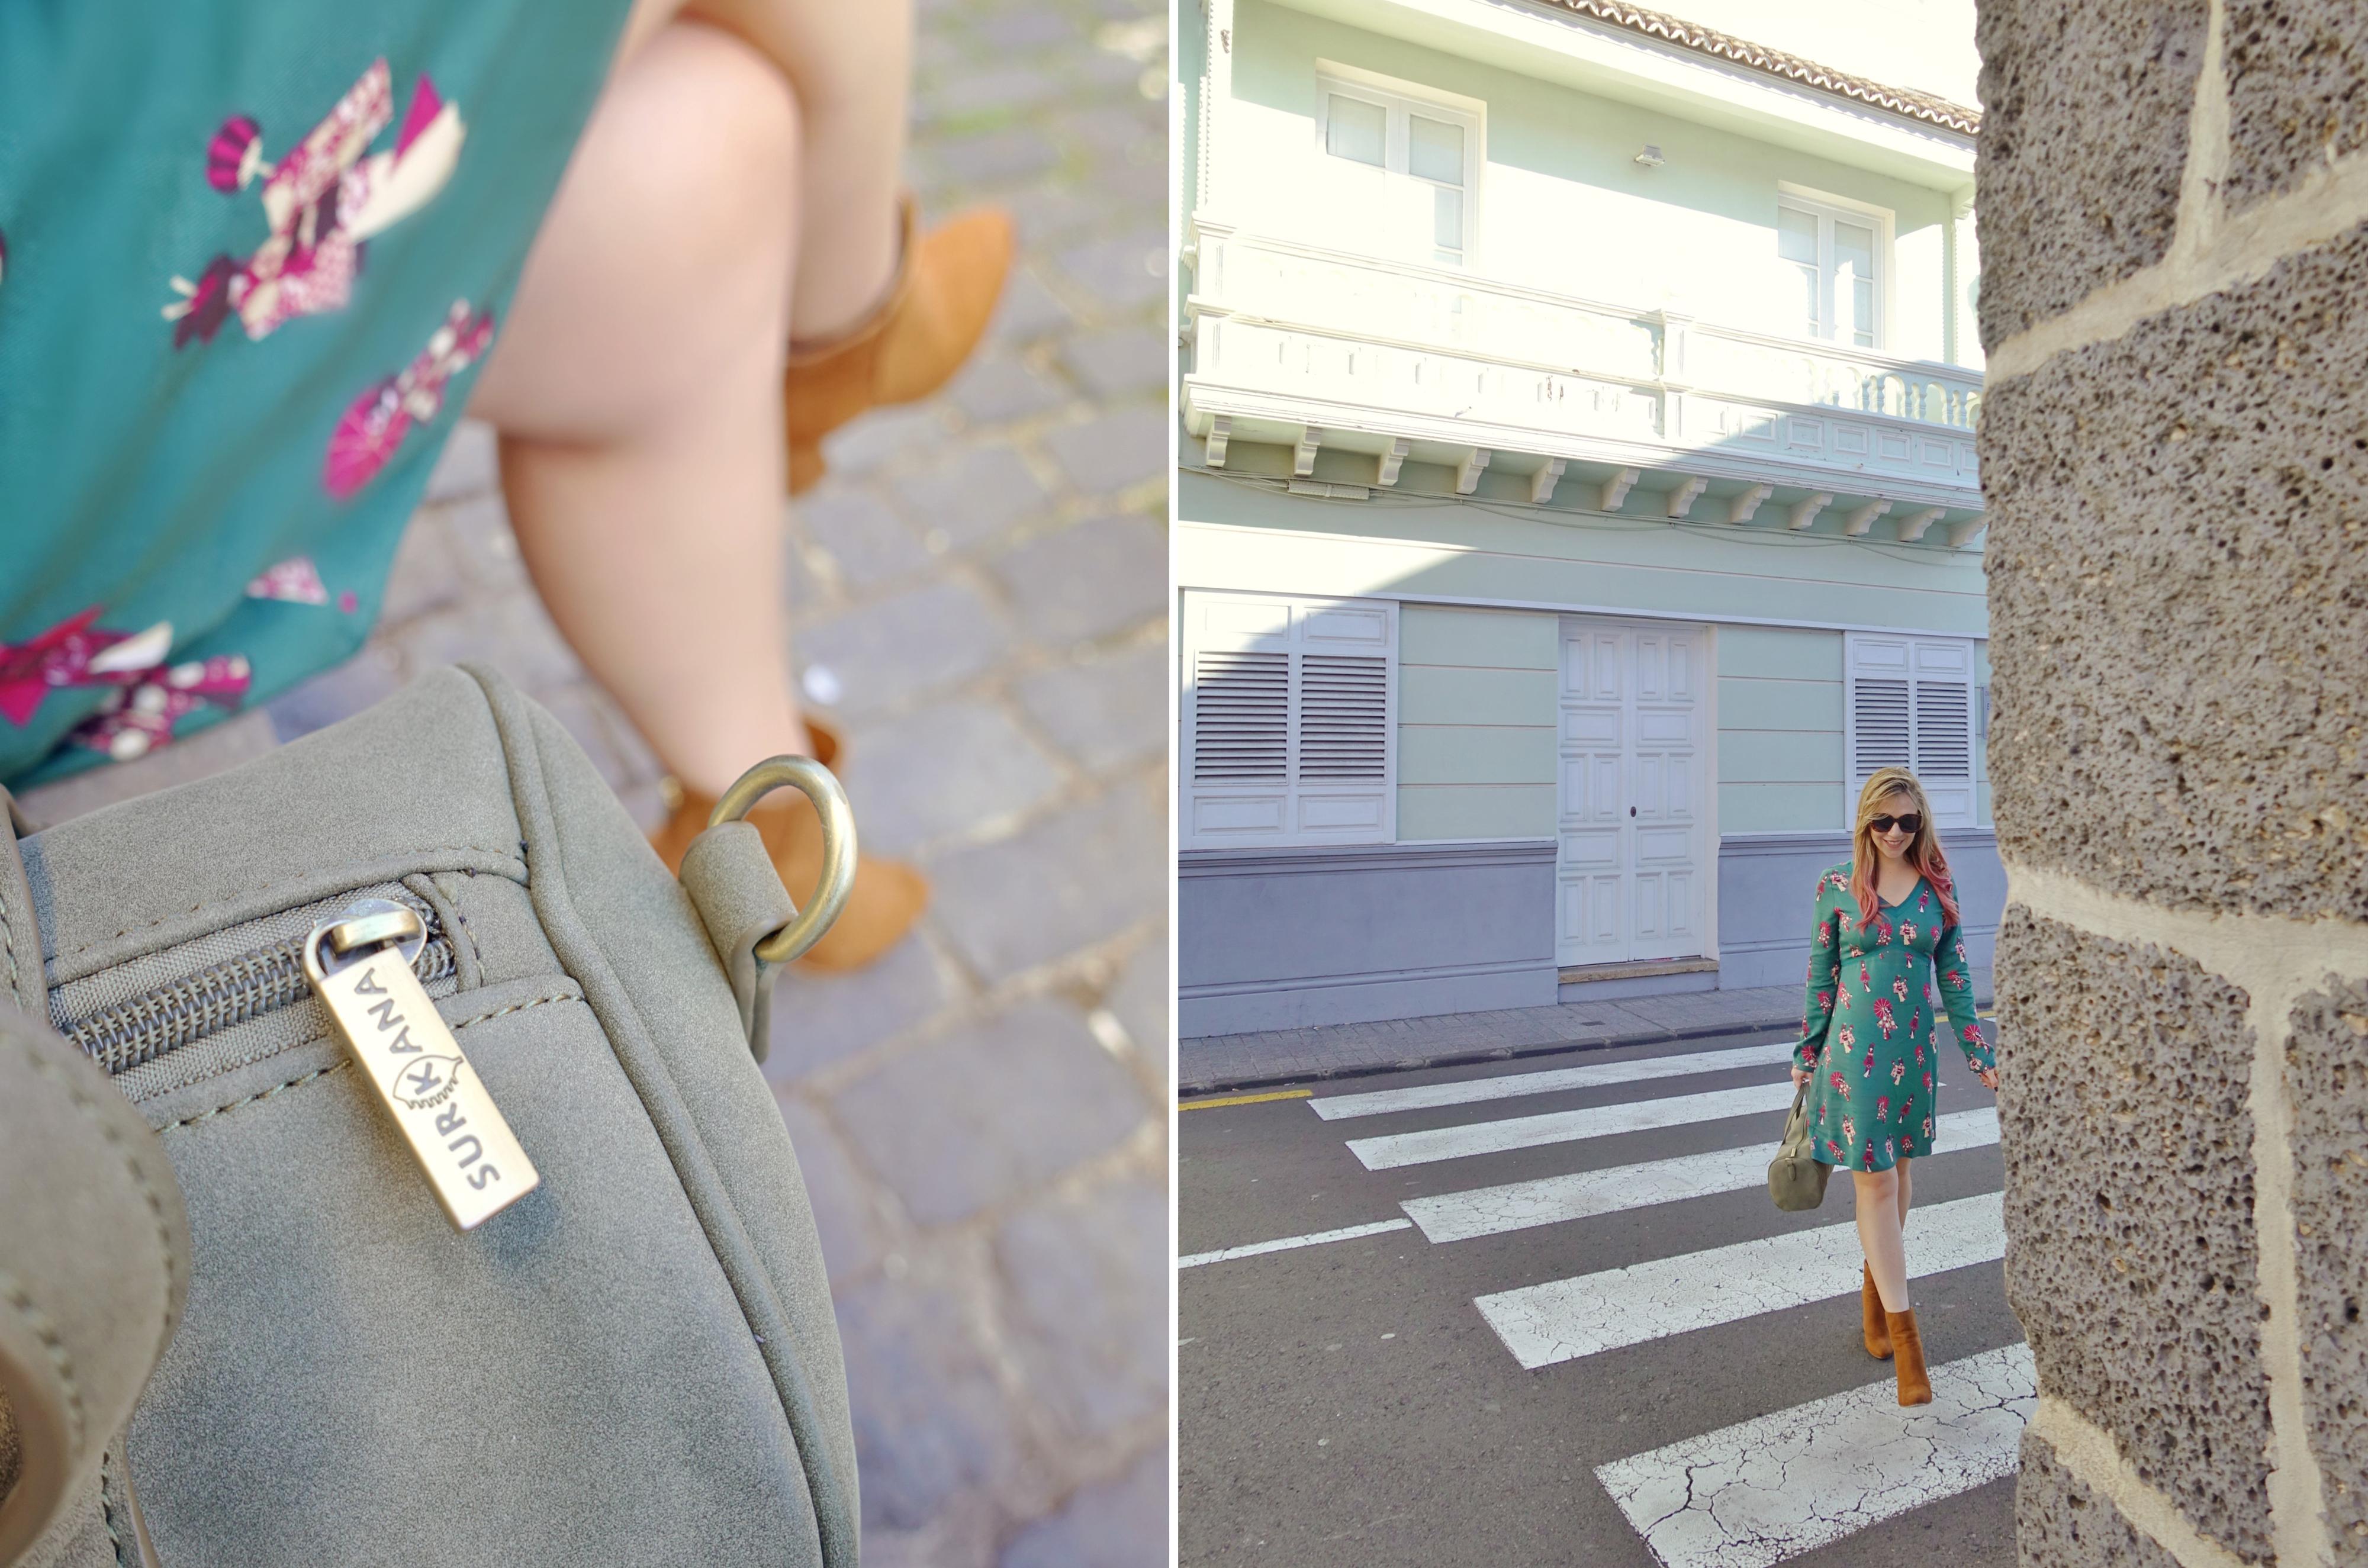 Bolsos-surkana-influencer-ChicAdicta-blog-de-moda-Chic-Adicta-look-verde-vestidos-estampados-PiensaenChic-Piensa-en-Chic